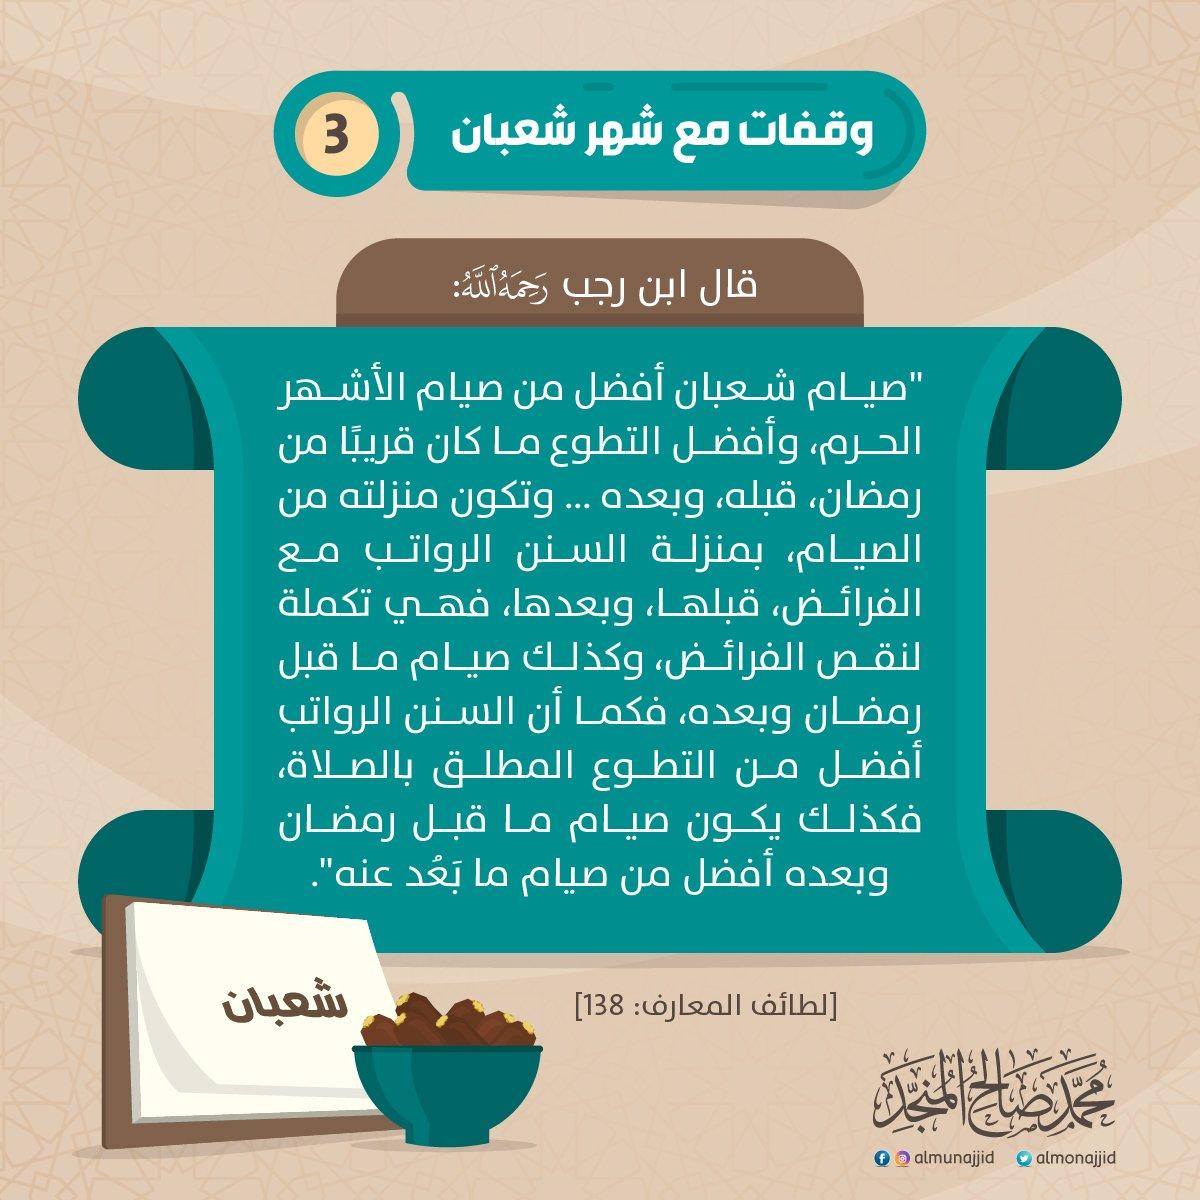 وقفات مع شهر #شعبان (3)